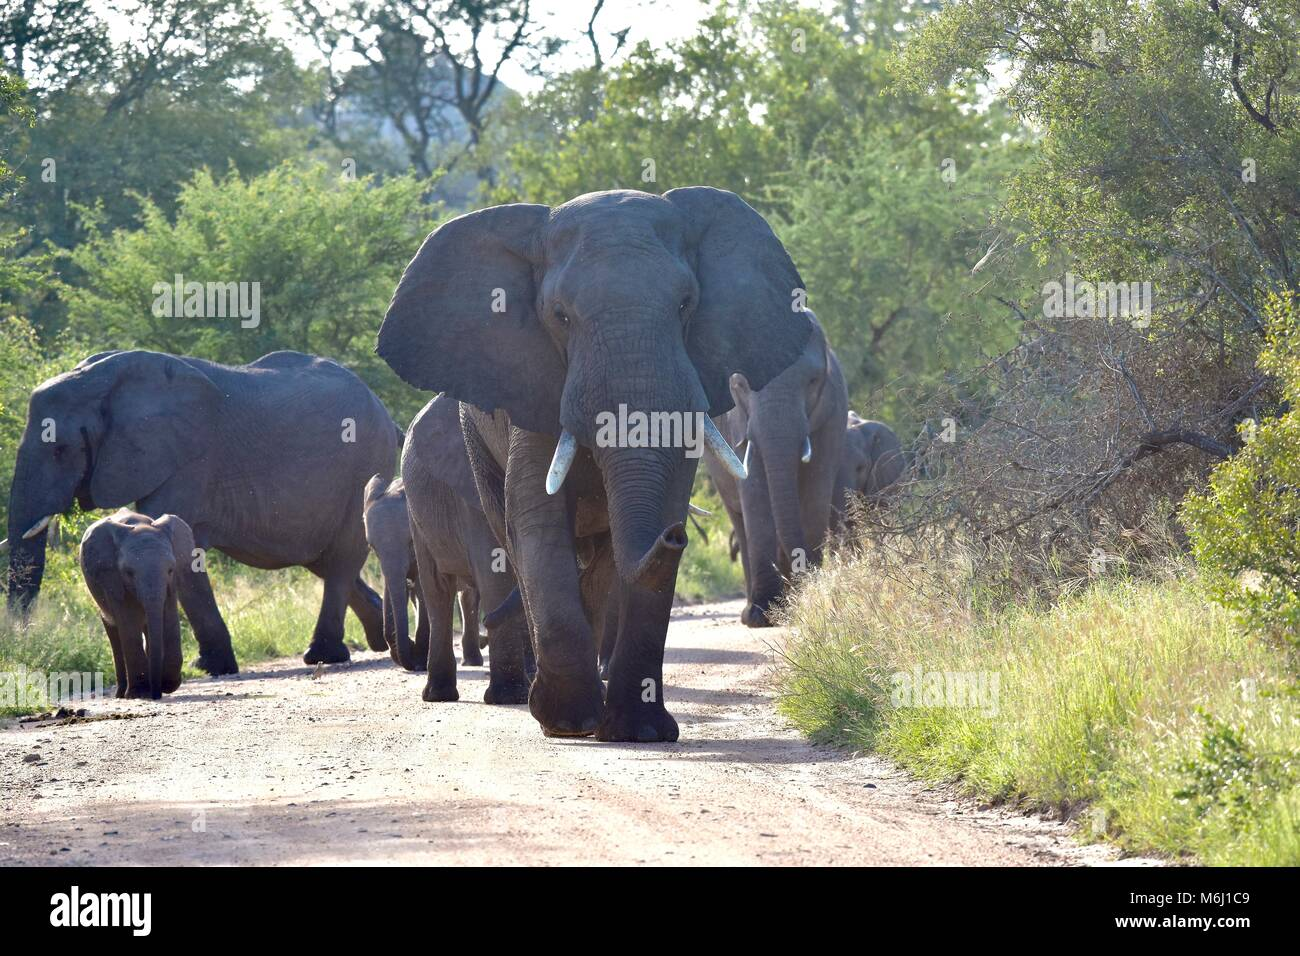 Krüger Nationalpark, Südafrika. Ein Wild- und Vogelparadies. Afrikanische Elefantenbulle in aggressiven Stockbild